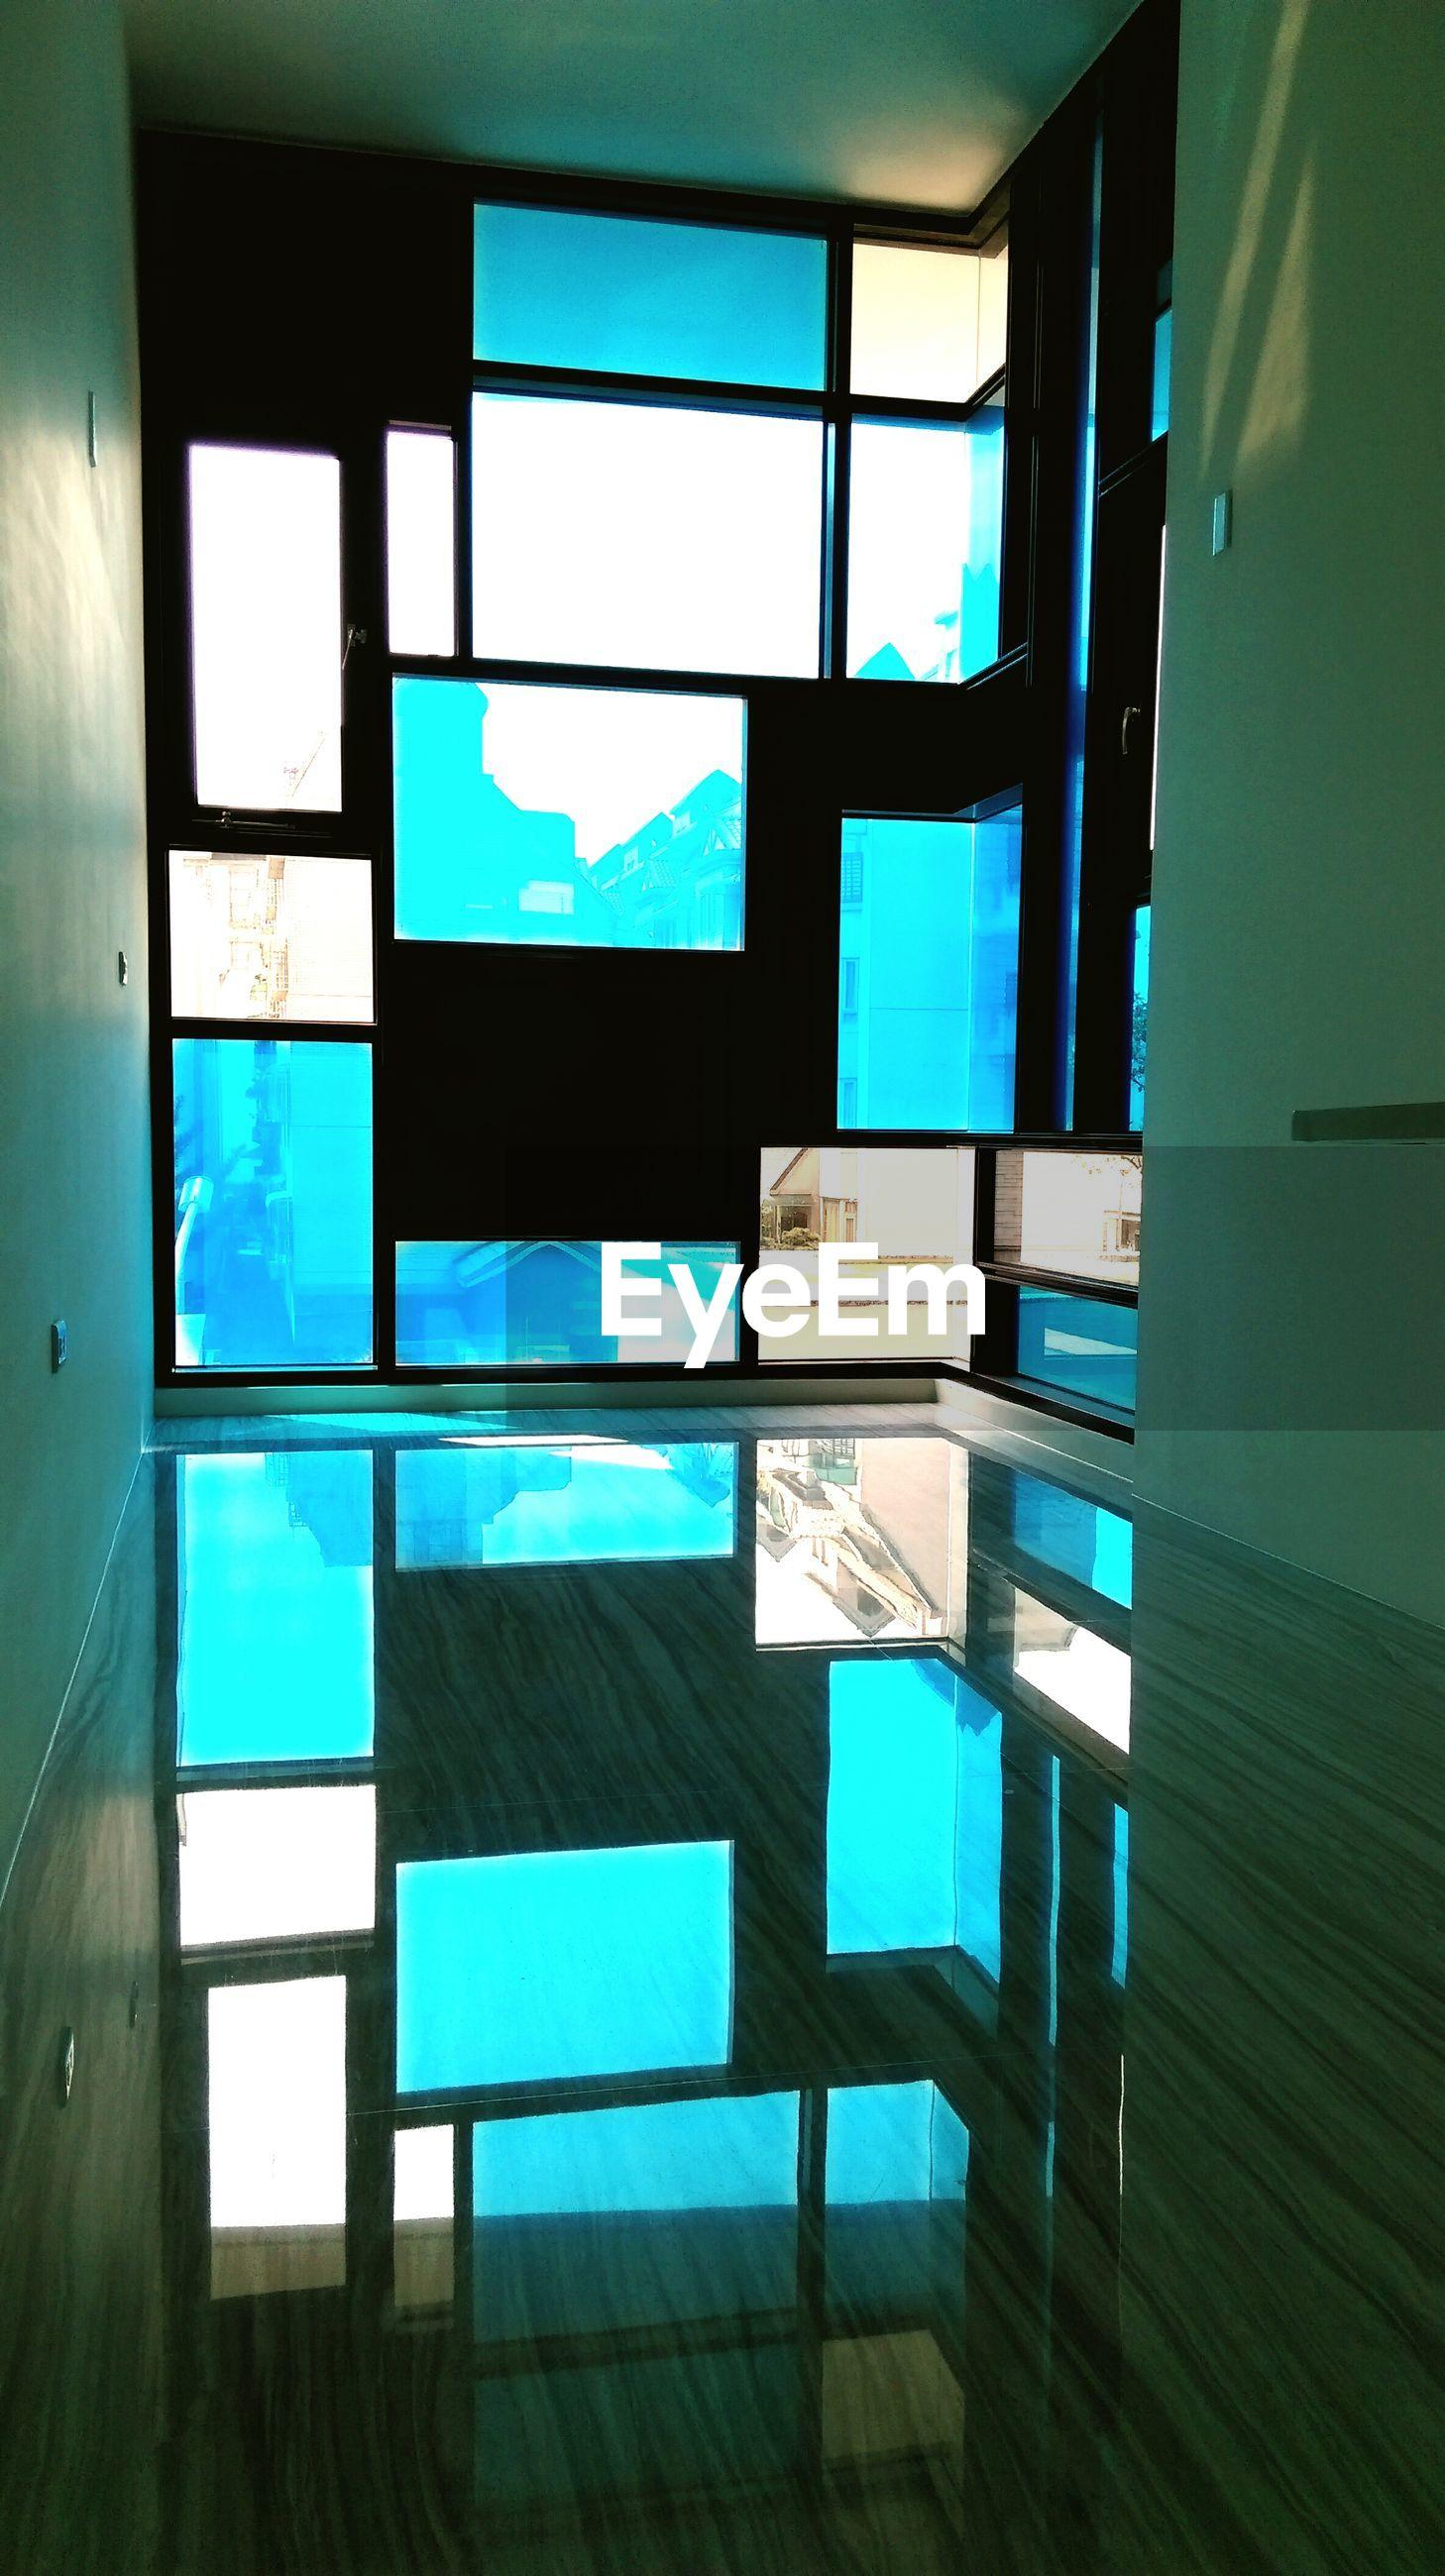 Reflection of window on tiled floor